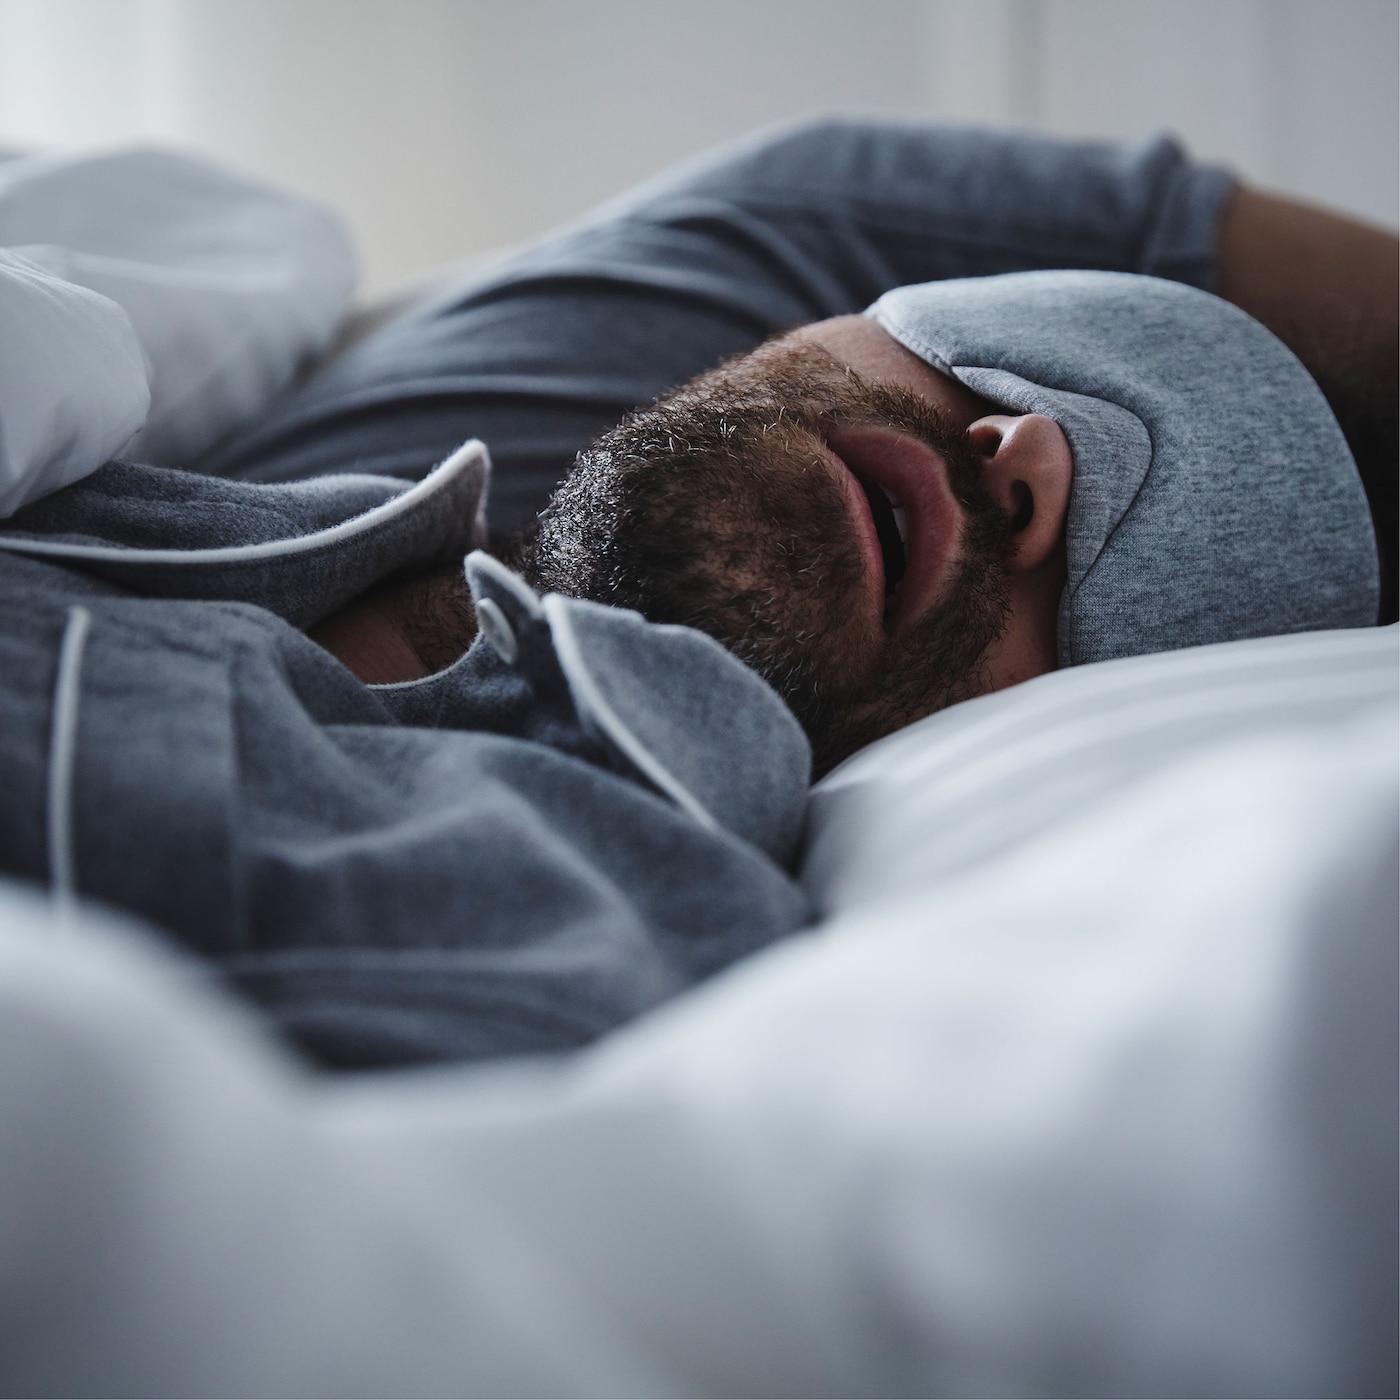 Un bărbat îmbrăcat în pijamale albastre și cu o mască asortată pentru ochi doarme într-un pat, cu gura deschisă.